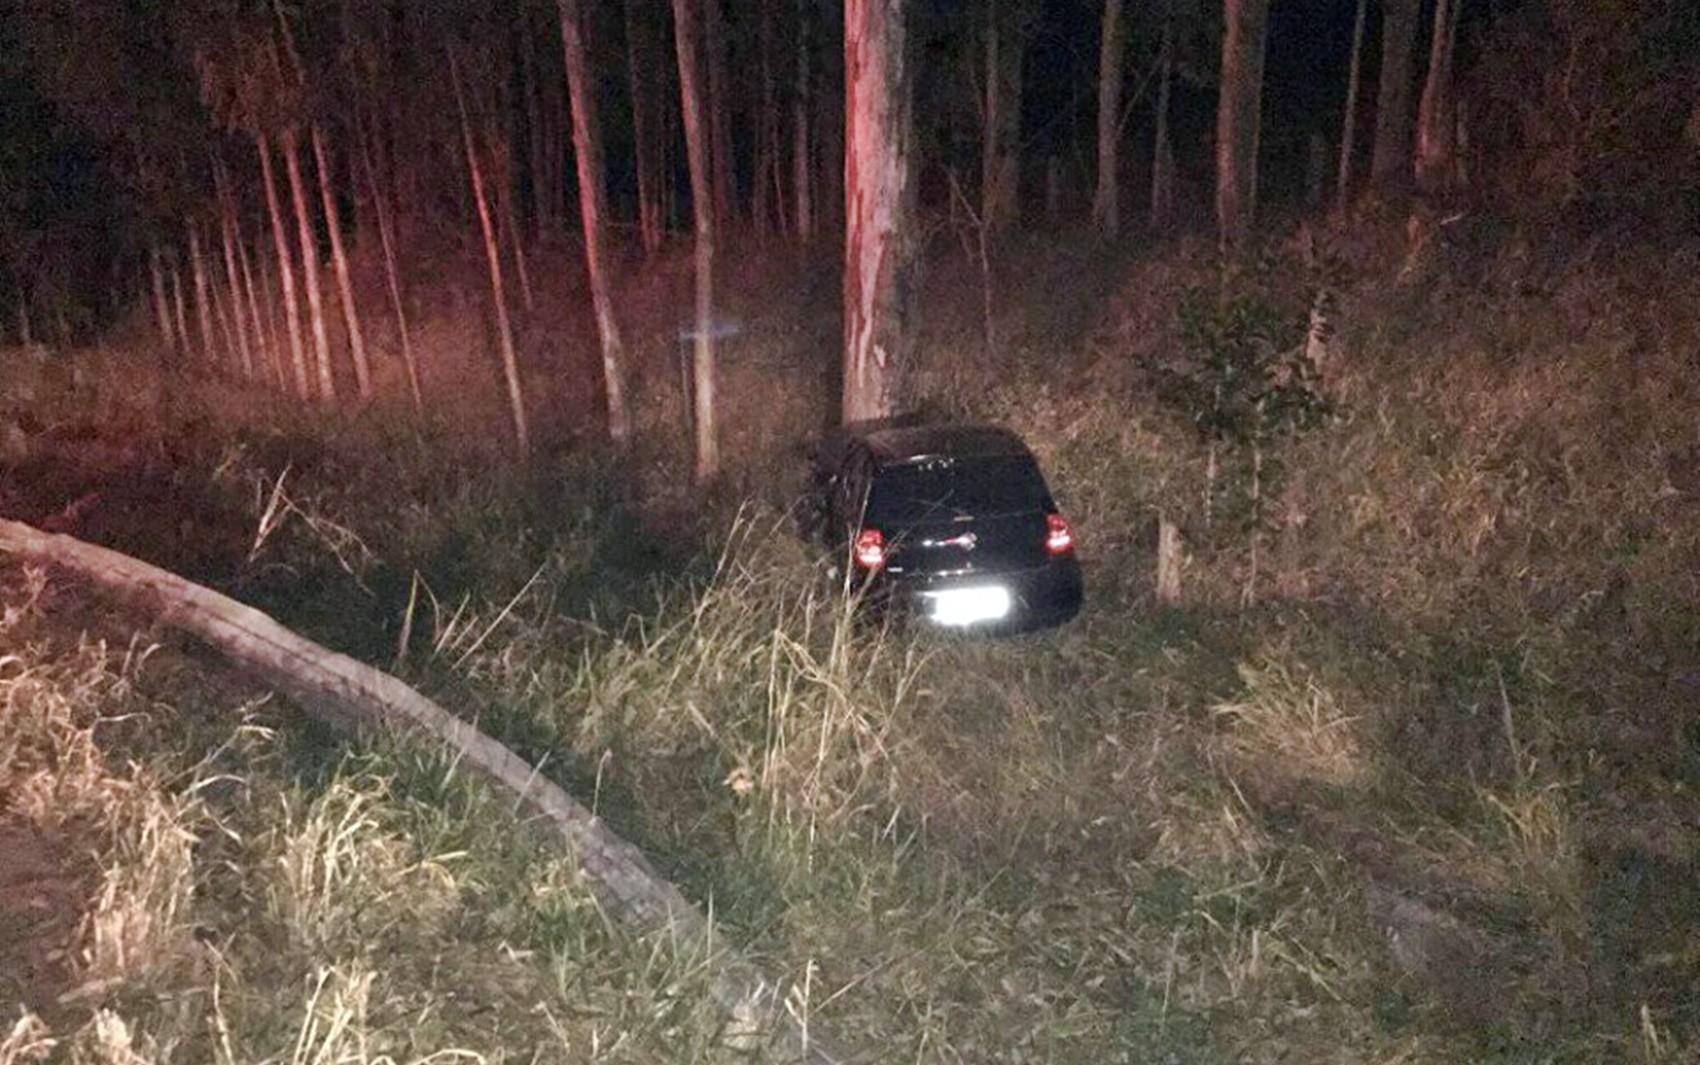 Carro sai da pista, bate em árvore e uma pessoa fica em estado grave entre Lavras e Luminárias - Notícias - Plantão Diário